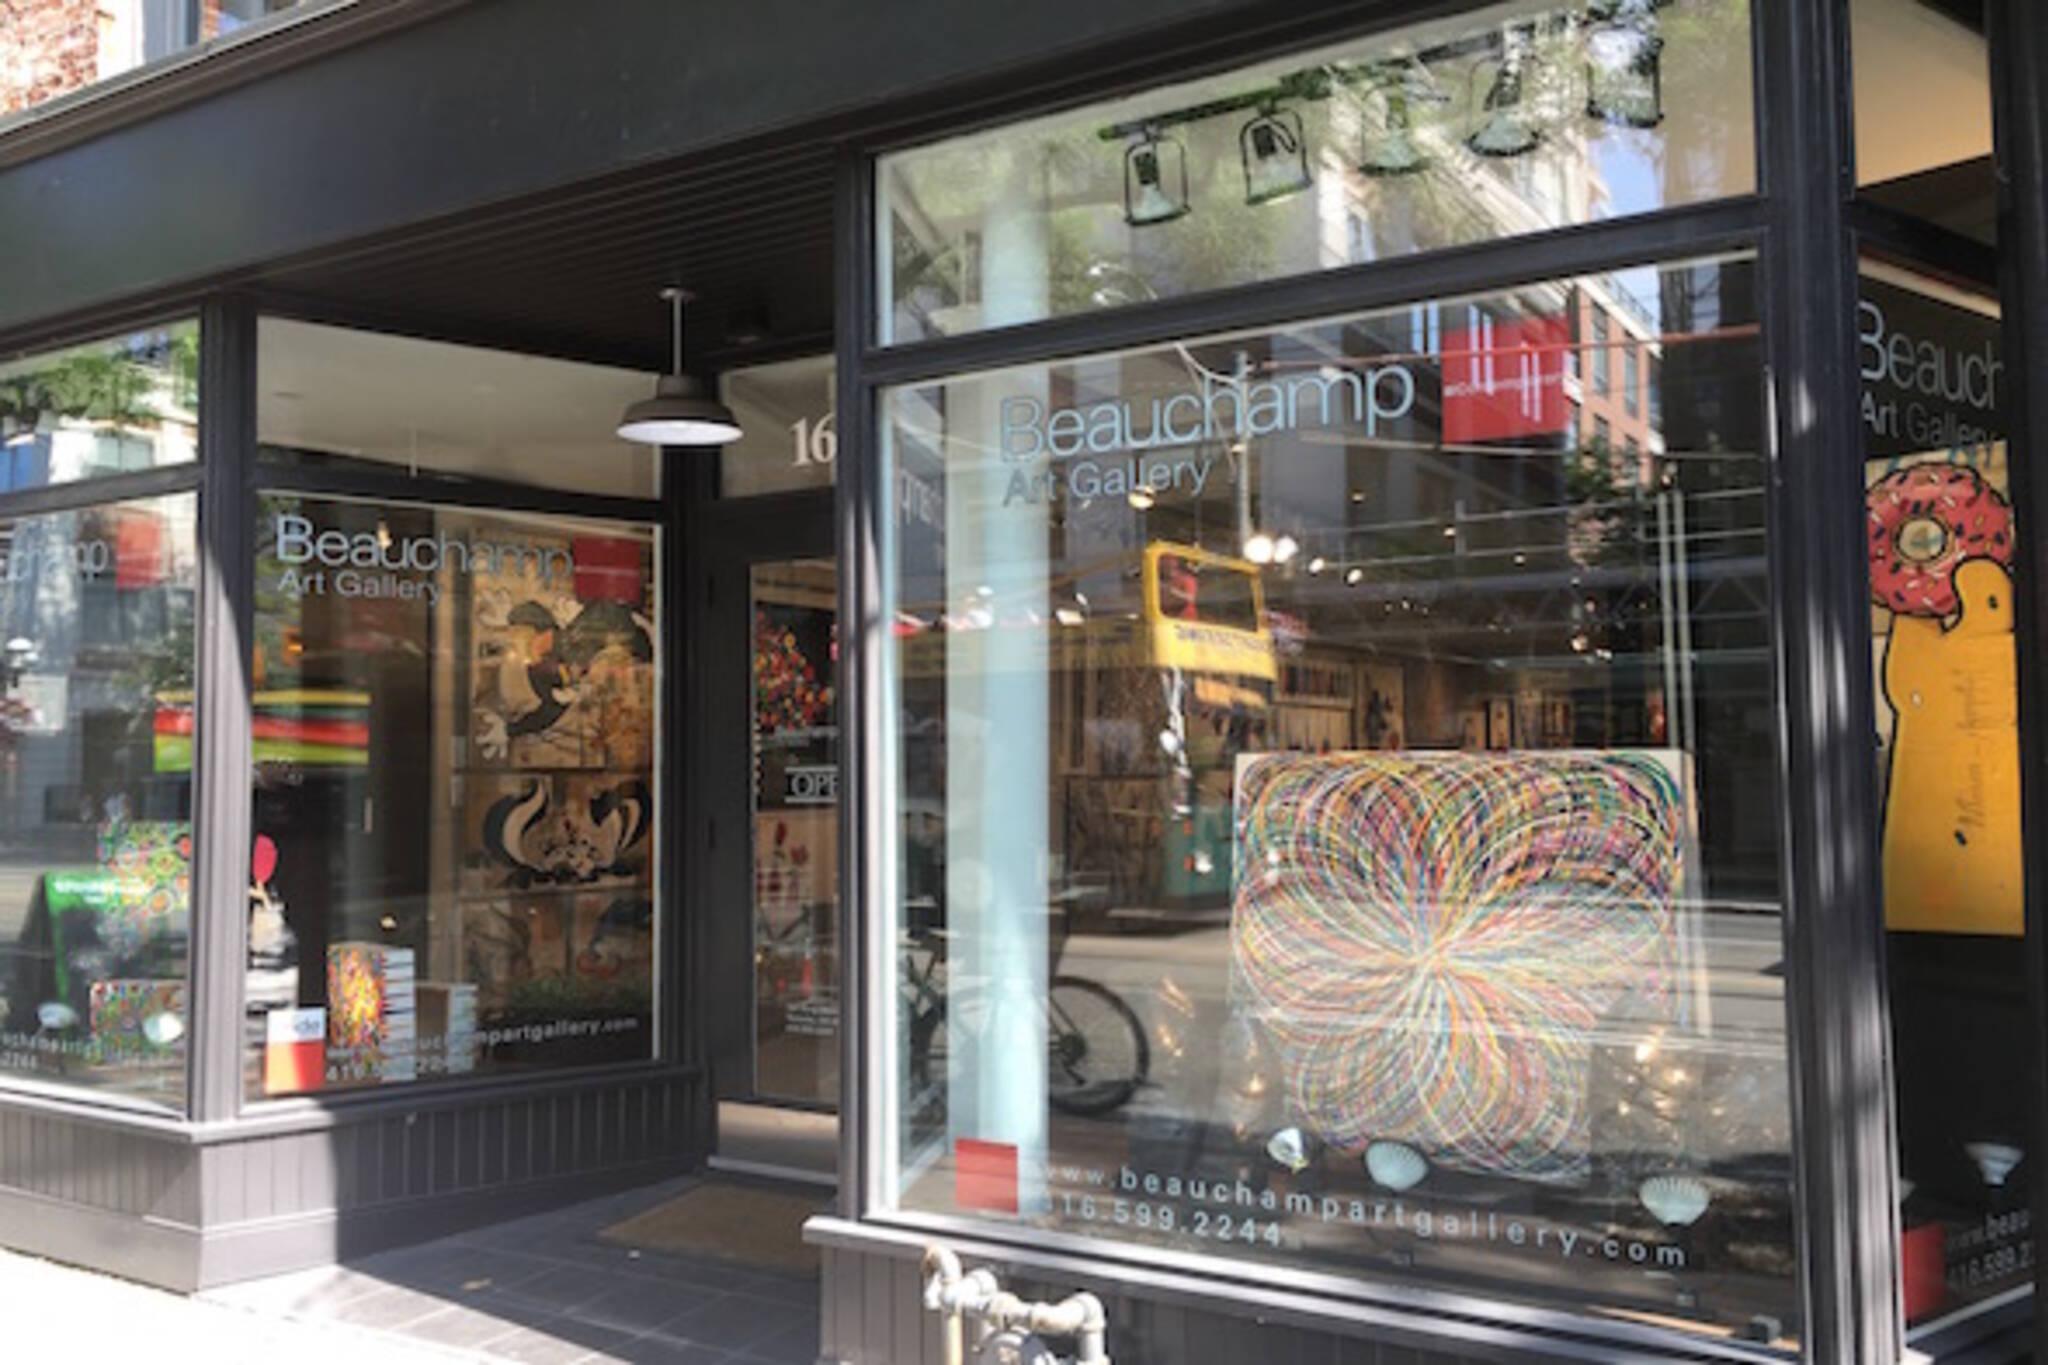 Beauchamp Gallery Toronto